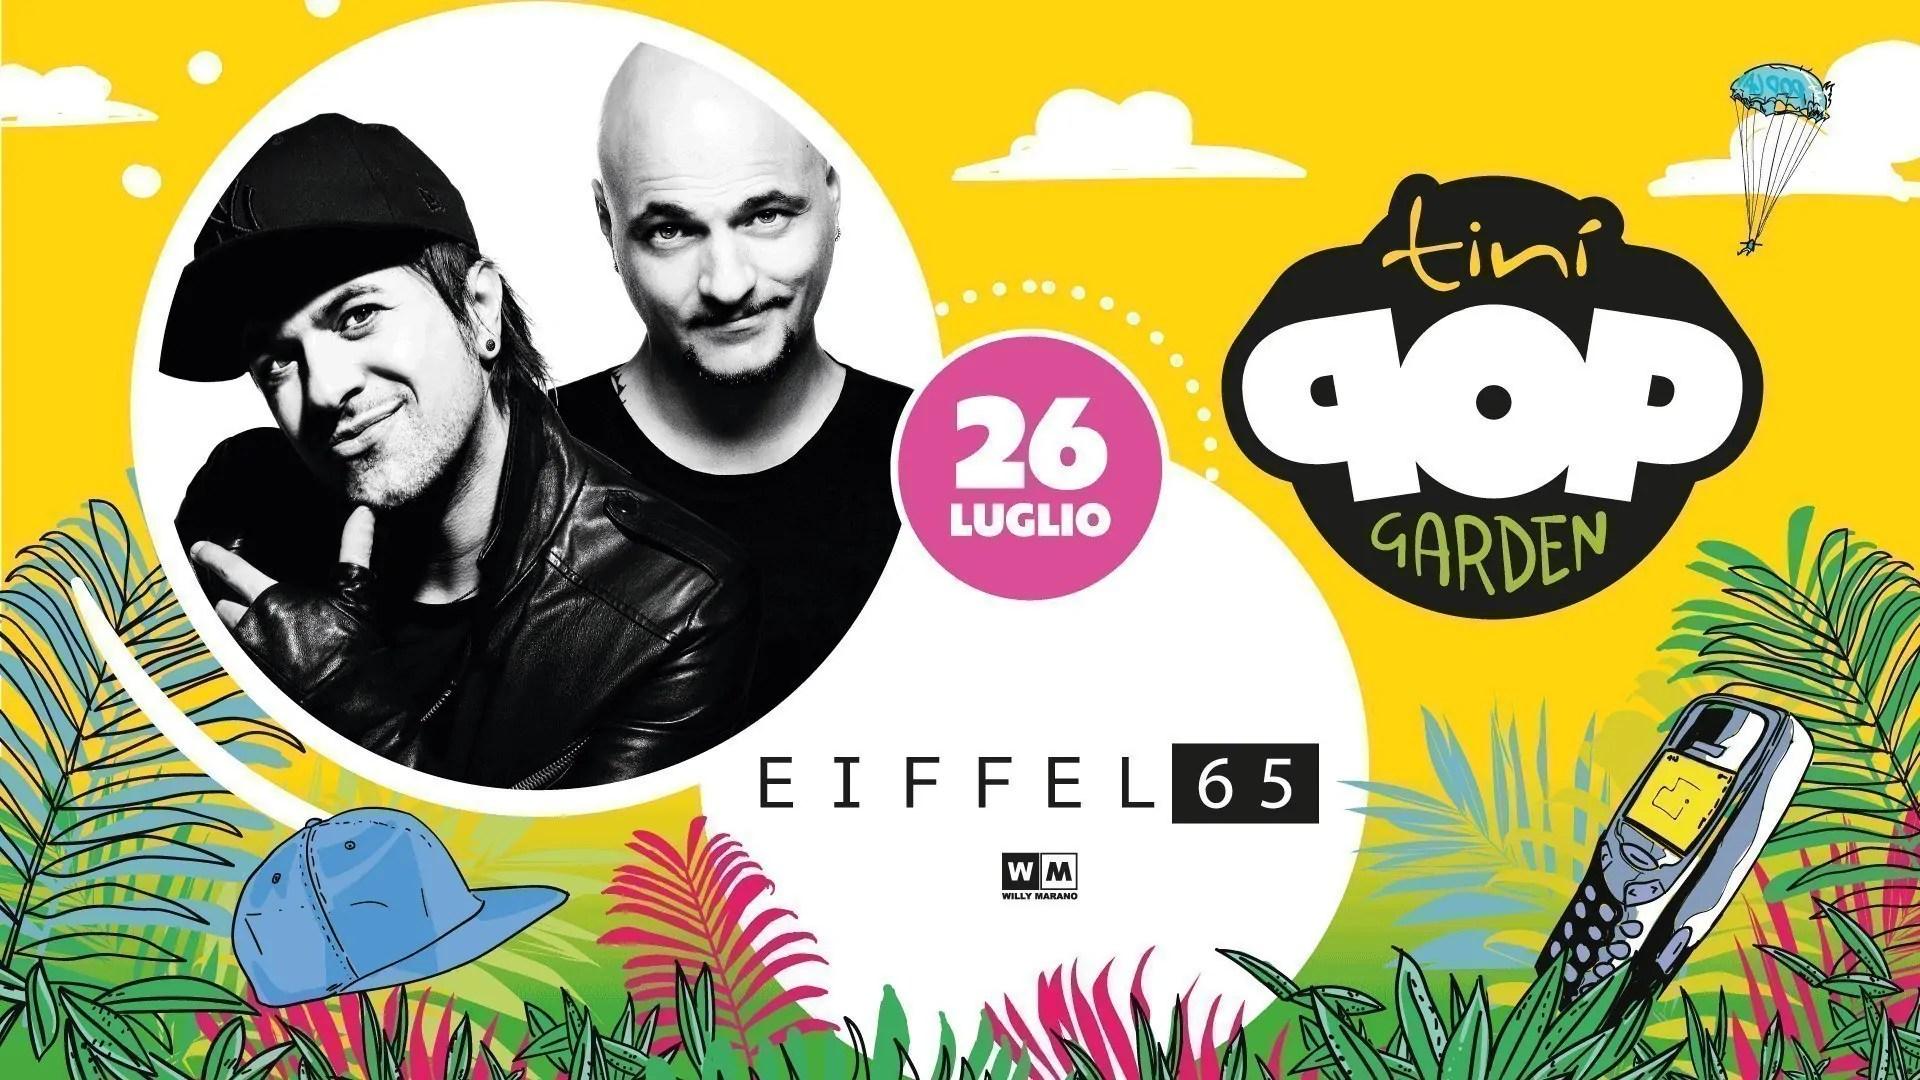 Eiffel 65 al Tinì Soundgarden Cecina – Venerdì 26 Luglio 2019 | Ticket/Biglietti/Prevendite 18APP Tavoli Pacchetti hotel Prevendite